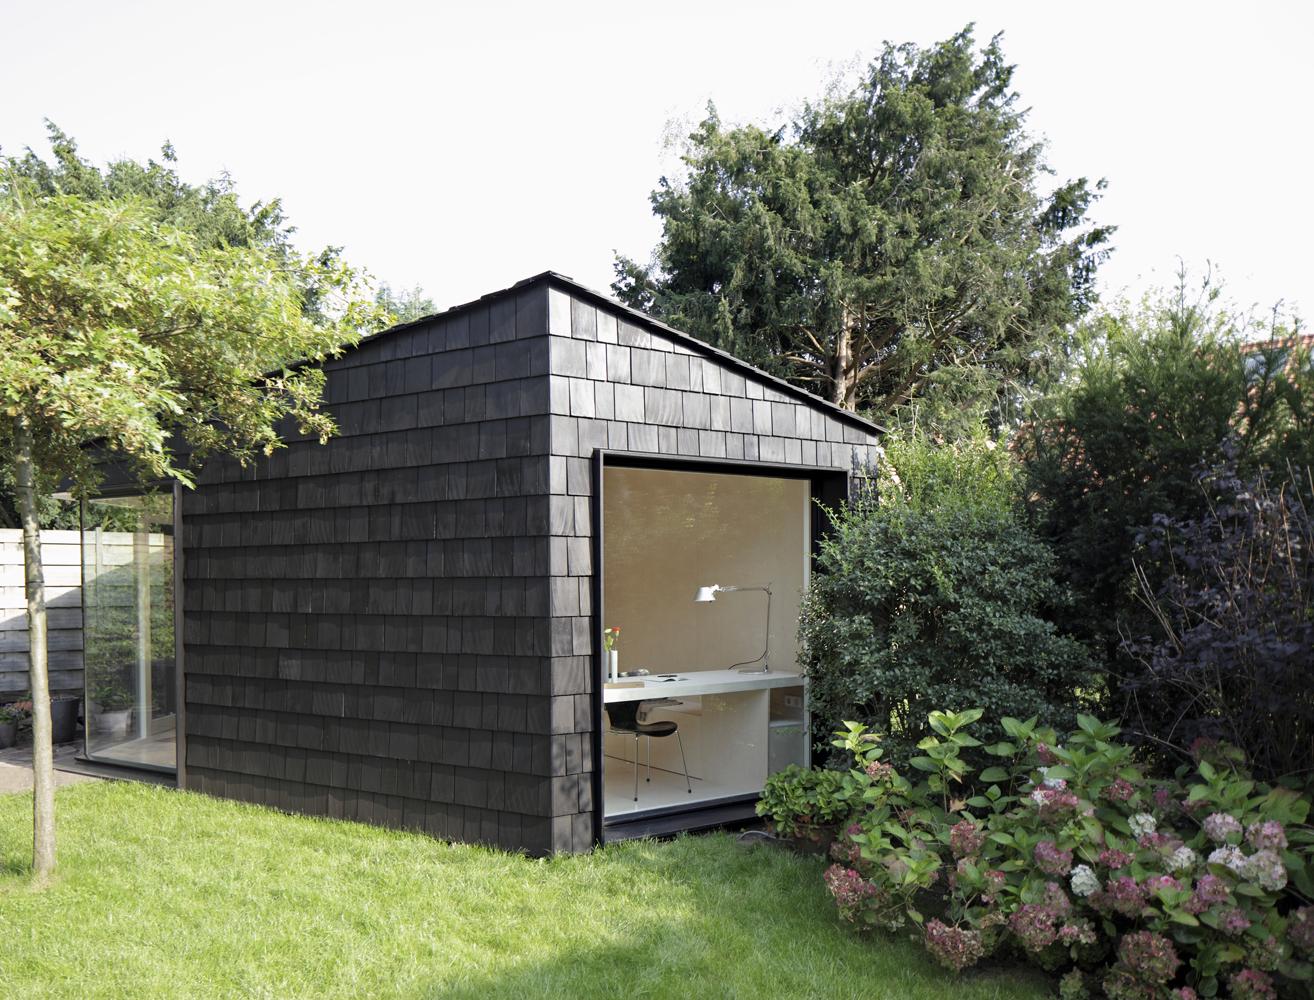 Tuinstudio In Bussum Door Serge Schoemaker De Architect